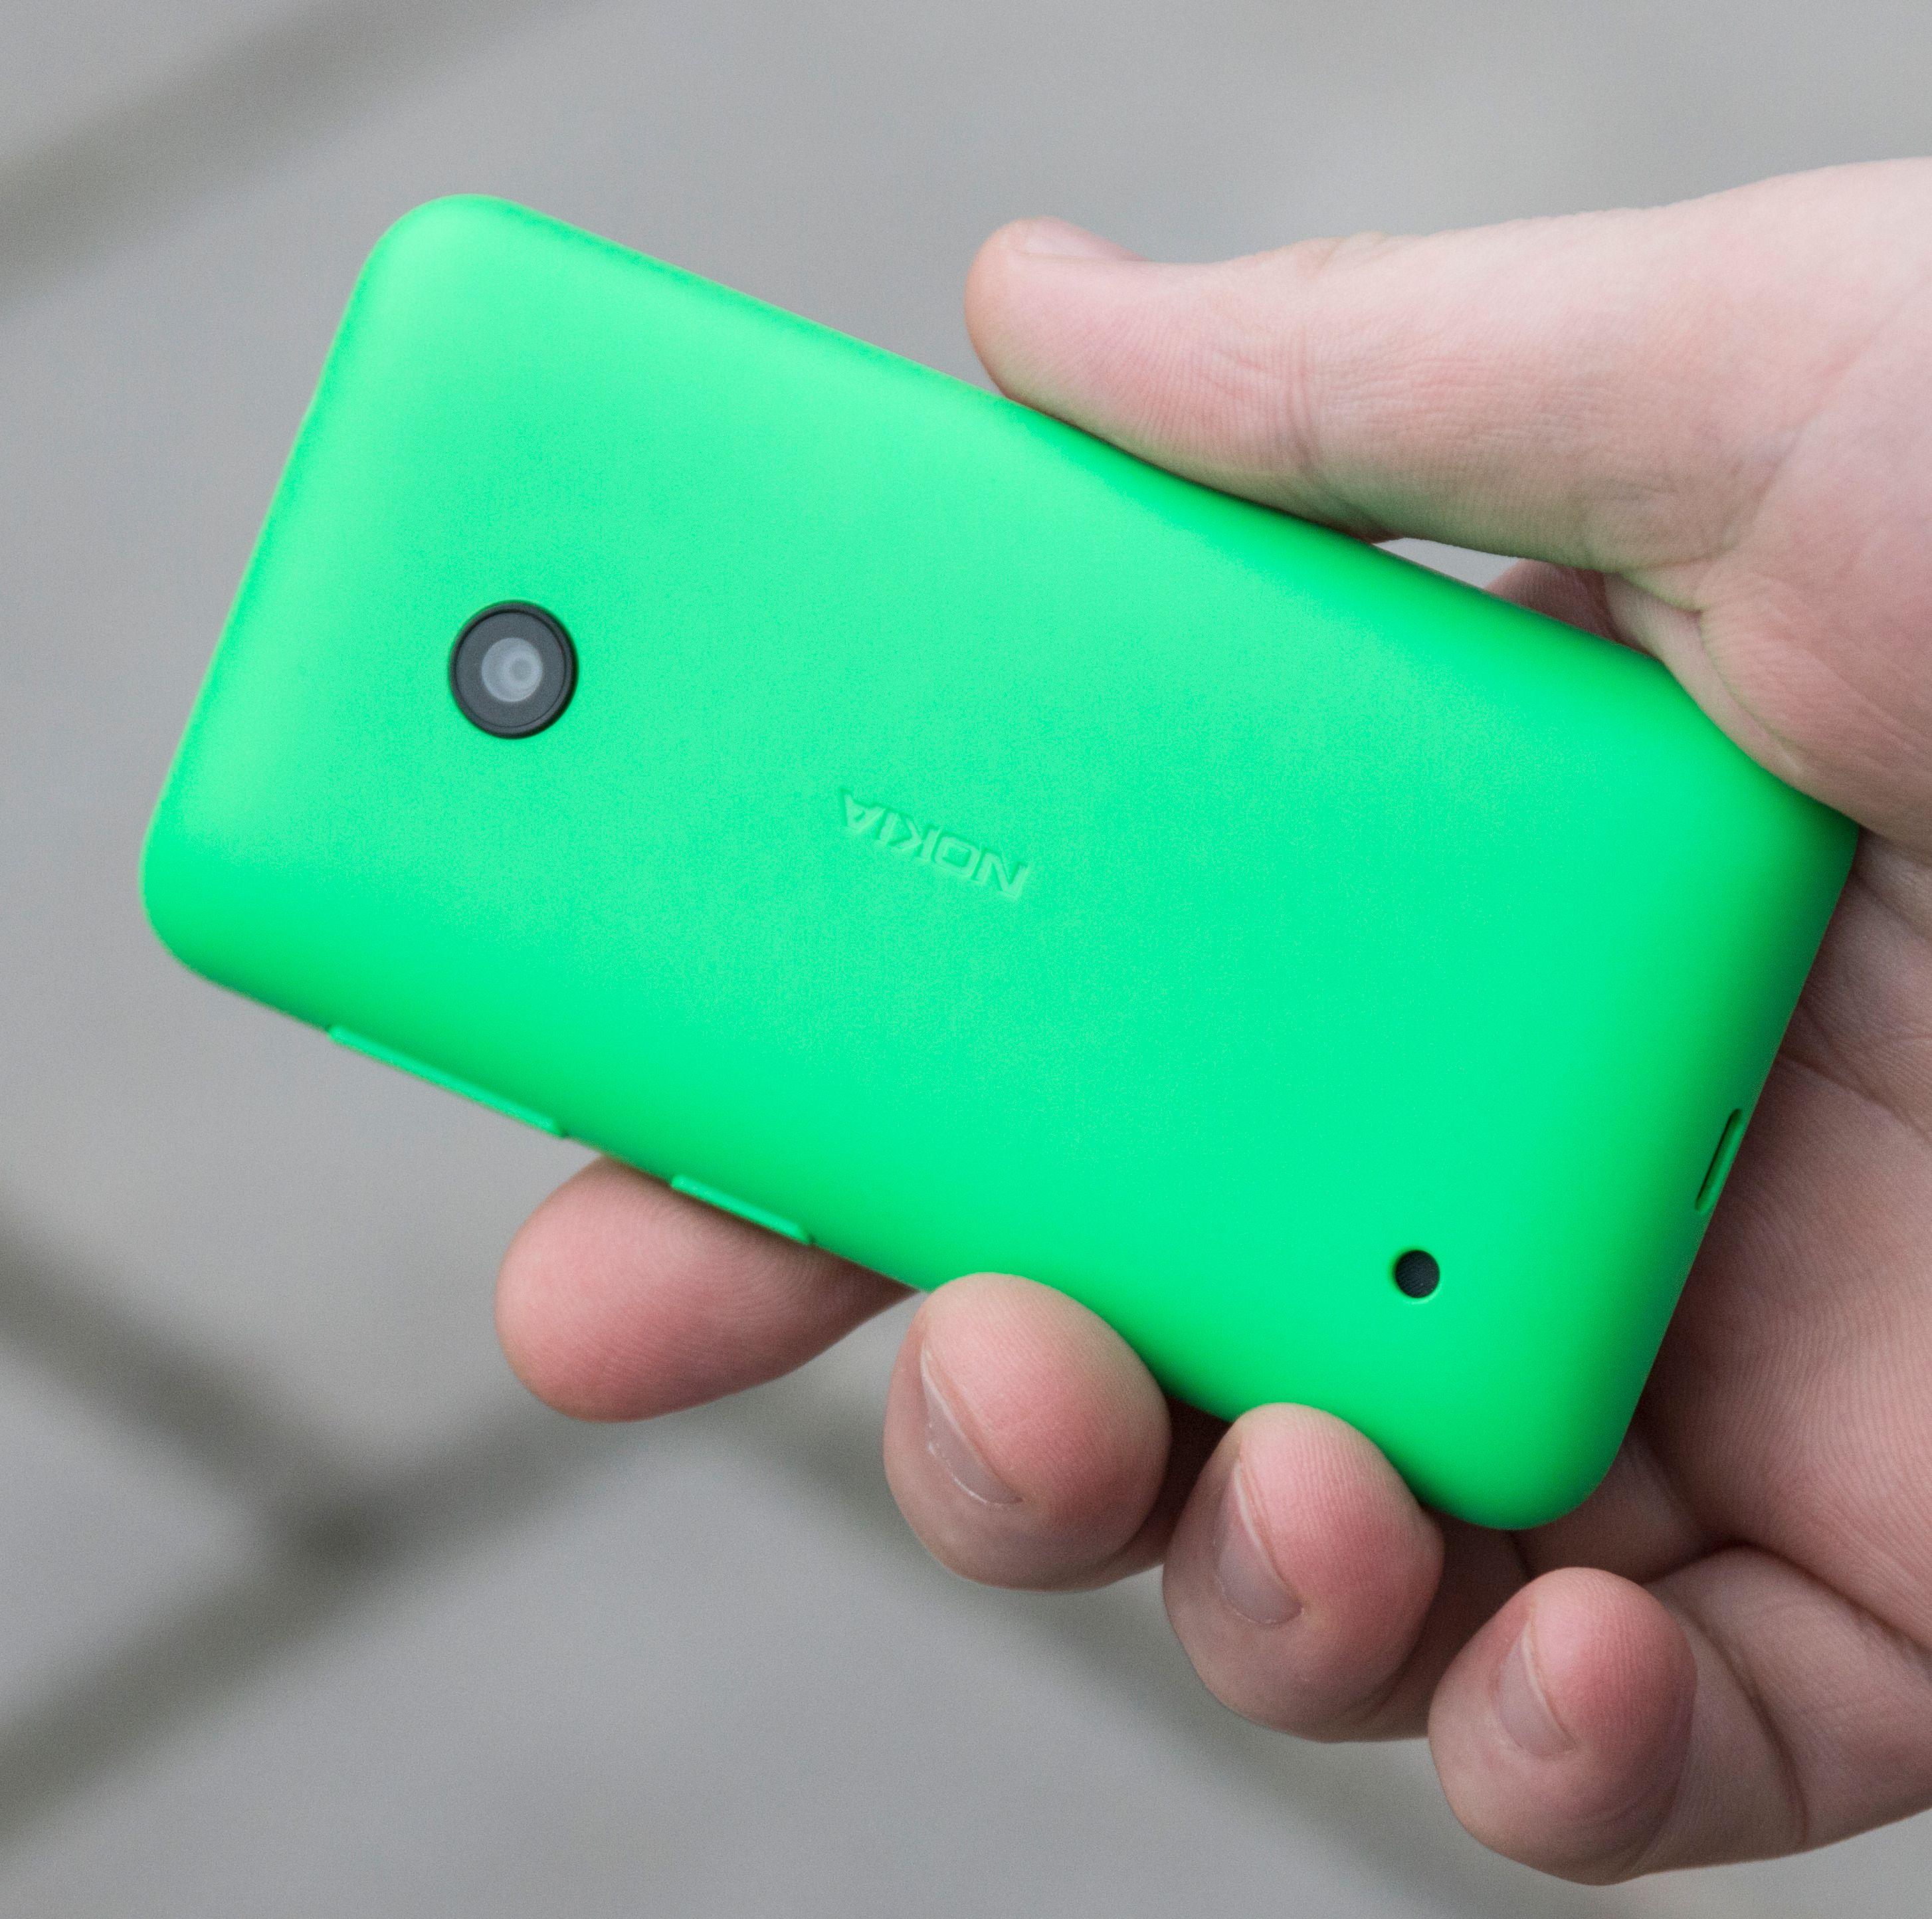 Bakdekselet er laget i tykk «leketøysplast». Den virker solid nok, men gir ikke det samme kvalitetsinntrykket som andre Lumia-modeller.Foto: Kurt Lekanger, Tek.no